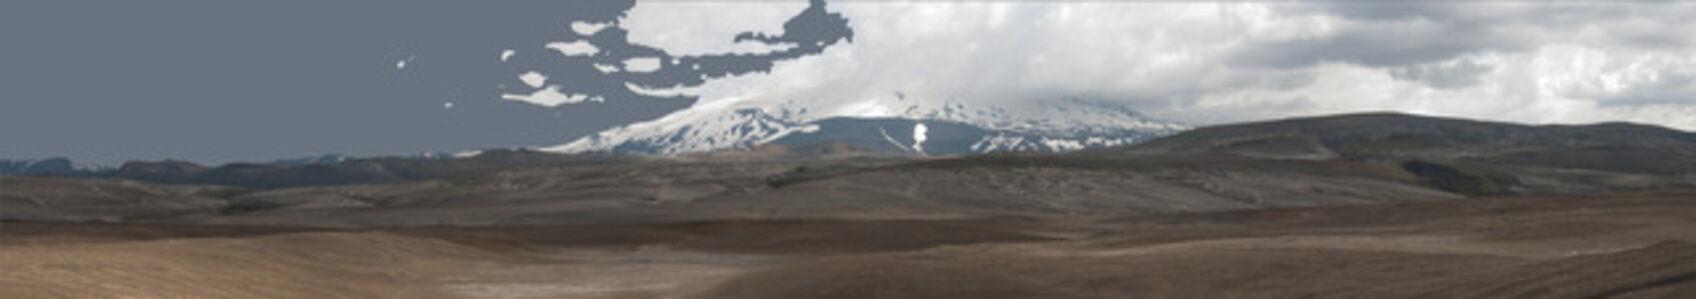 Hekla